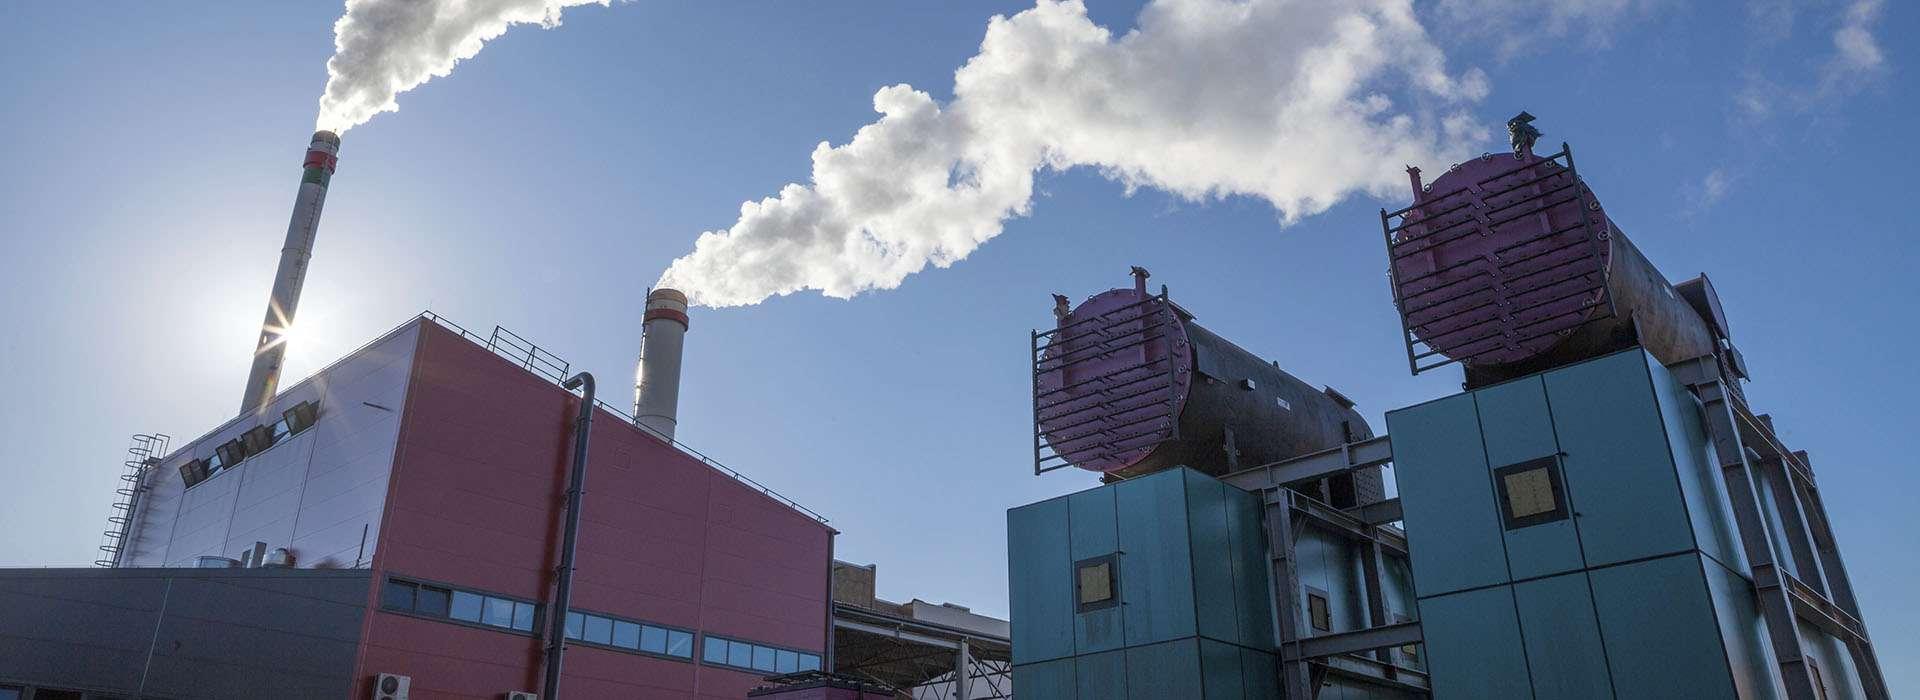 Co2 uitstoot meting